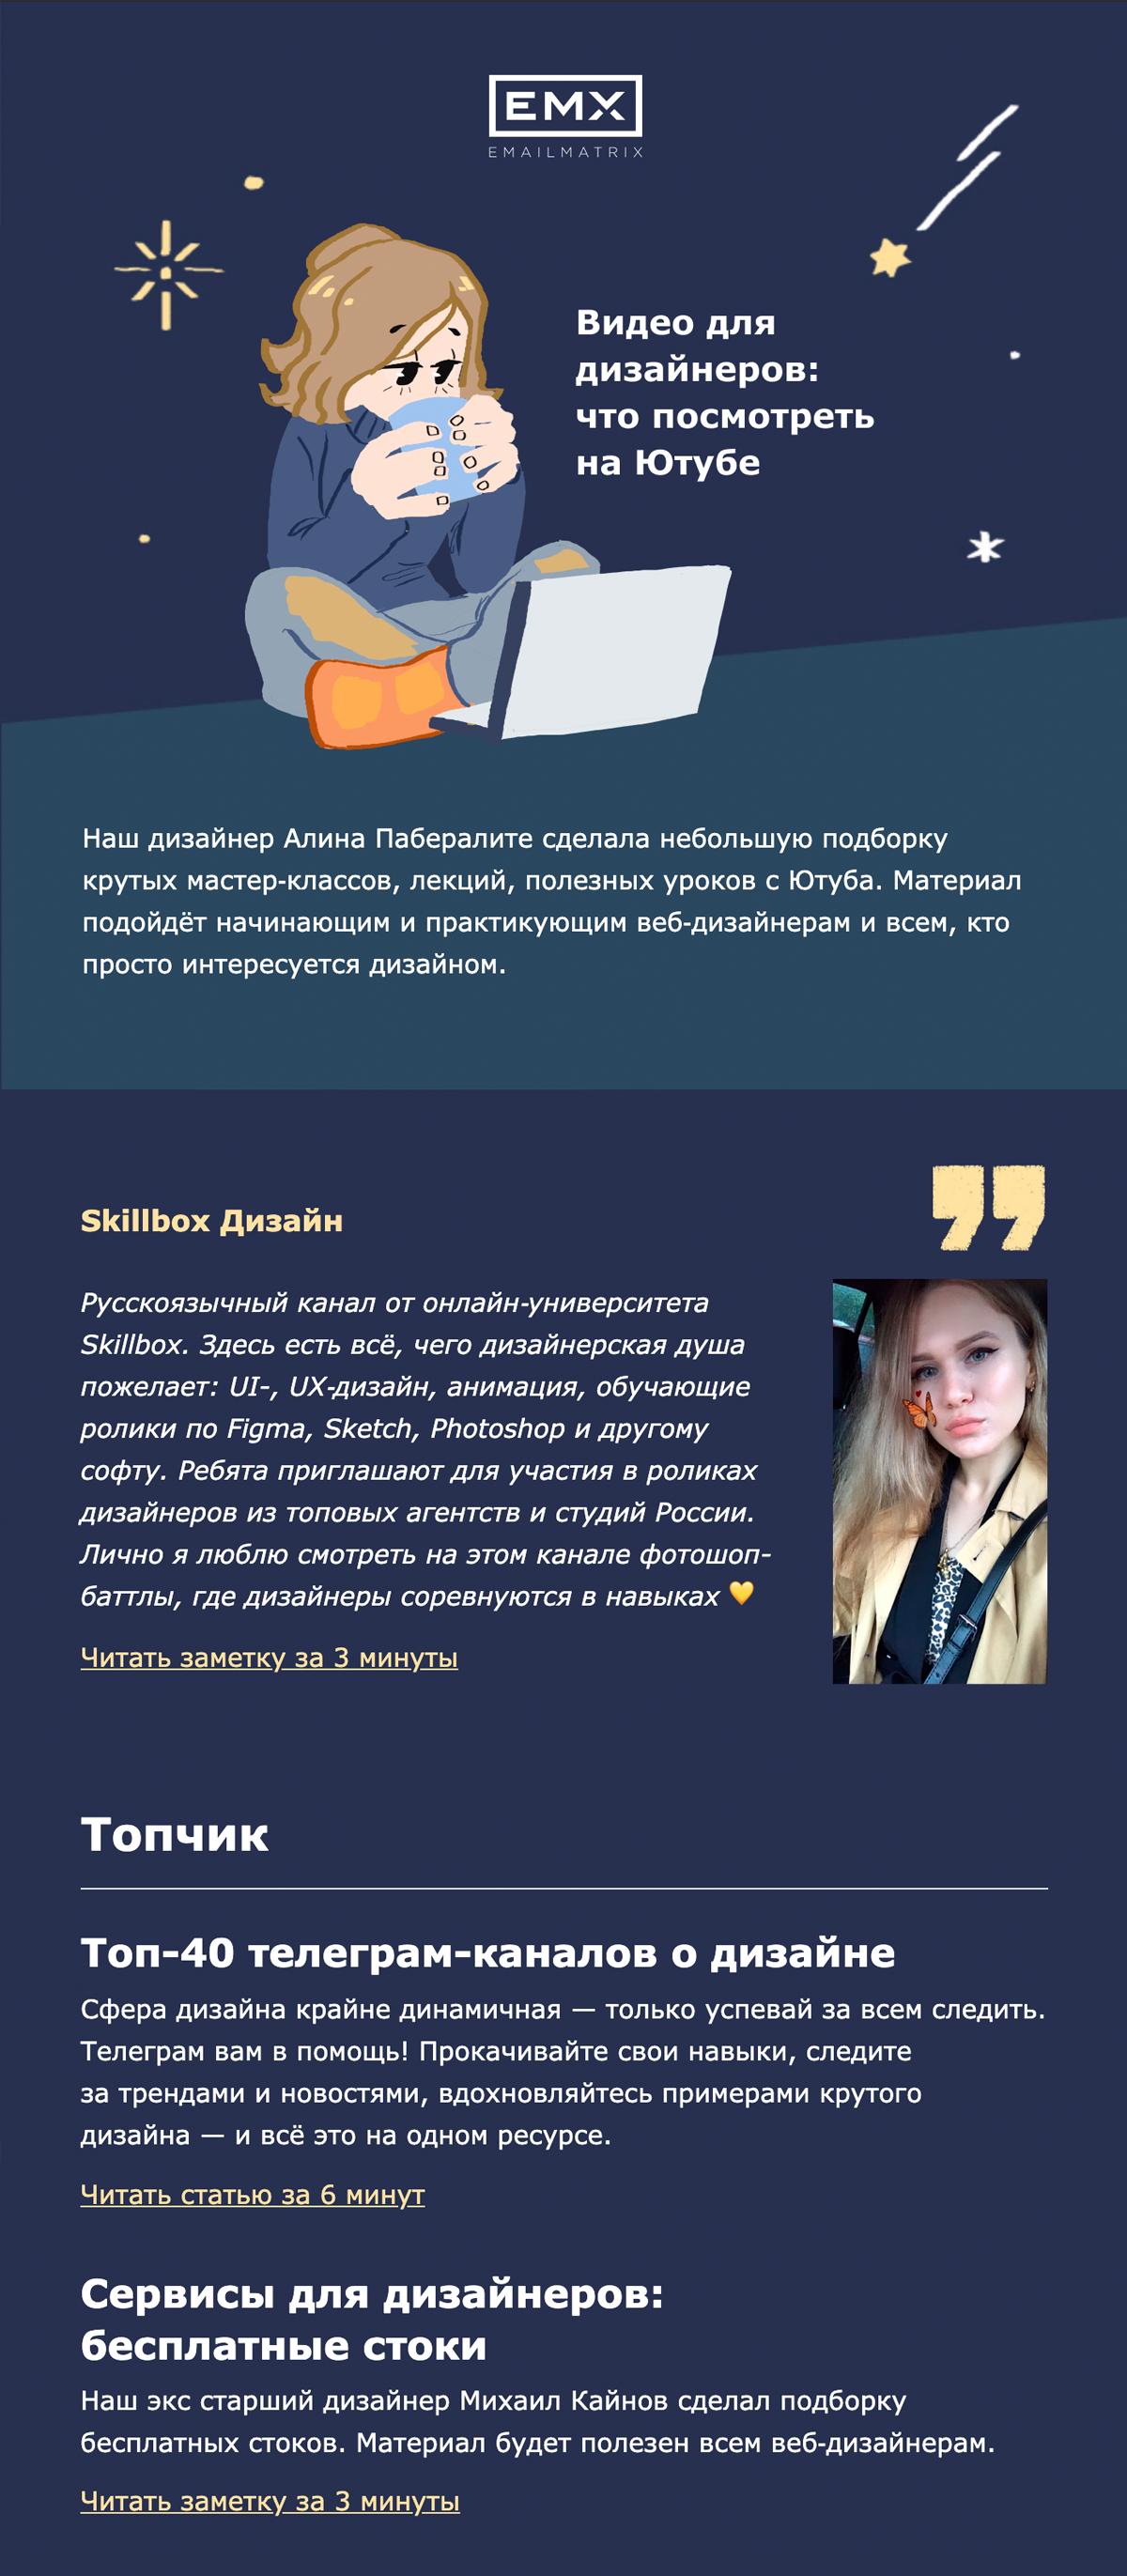 Рассылка про дизайн от Emailmatrix